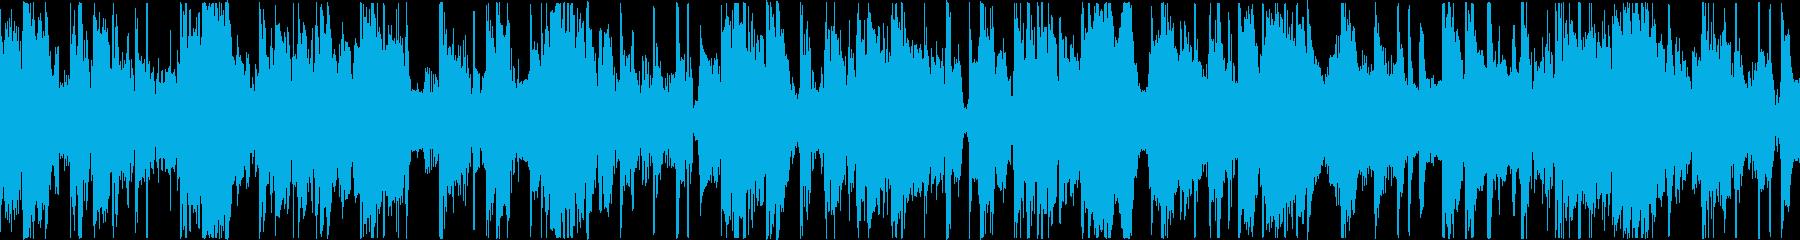 心地よいベース音のファンクトラックの再生済みの波形